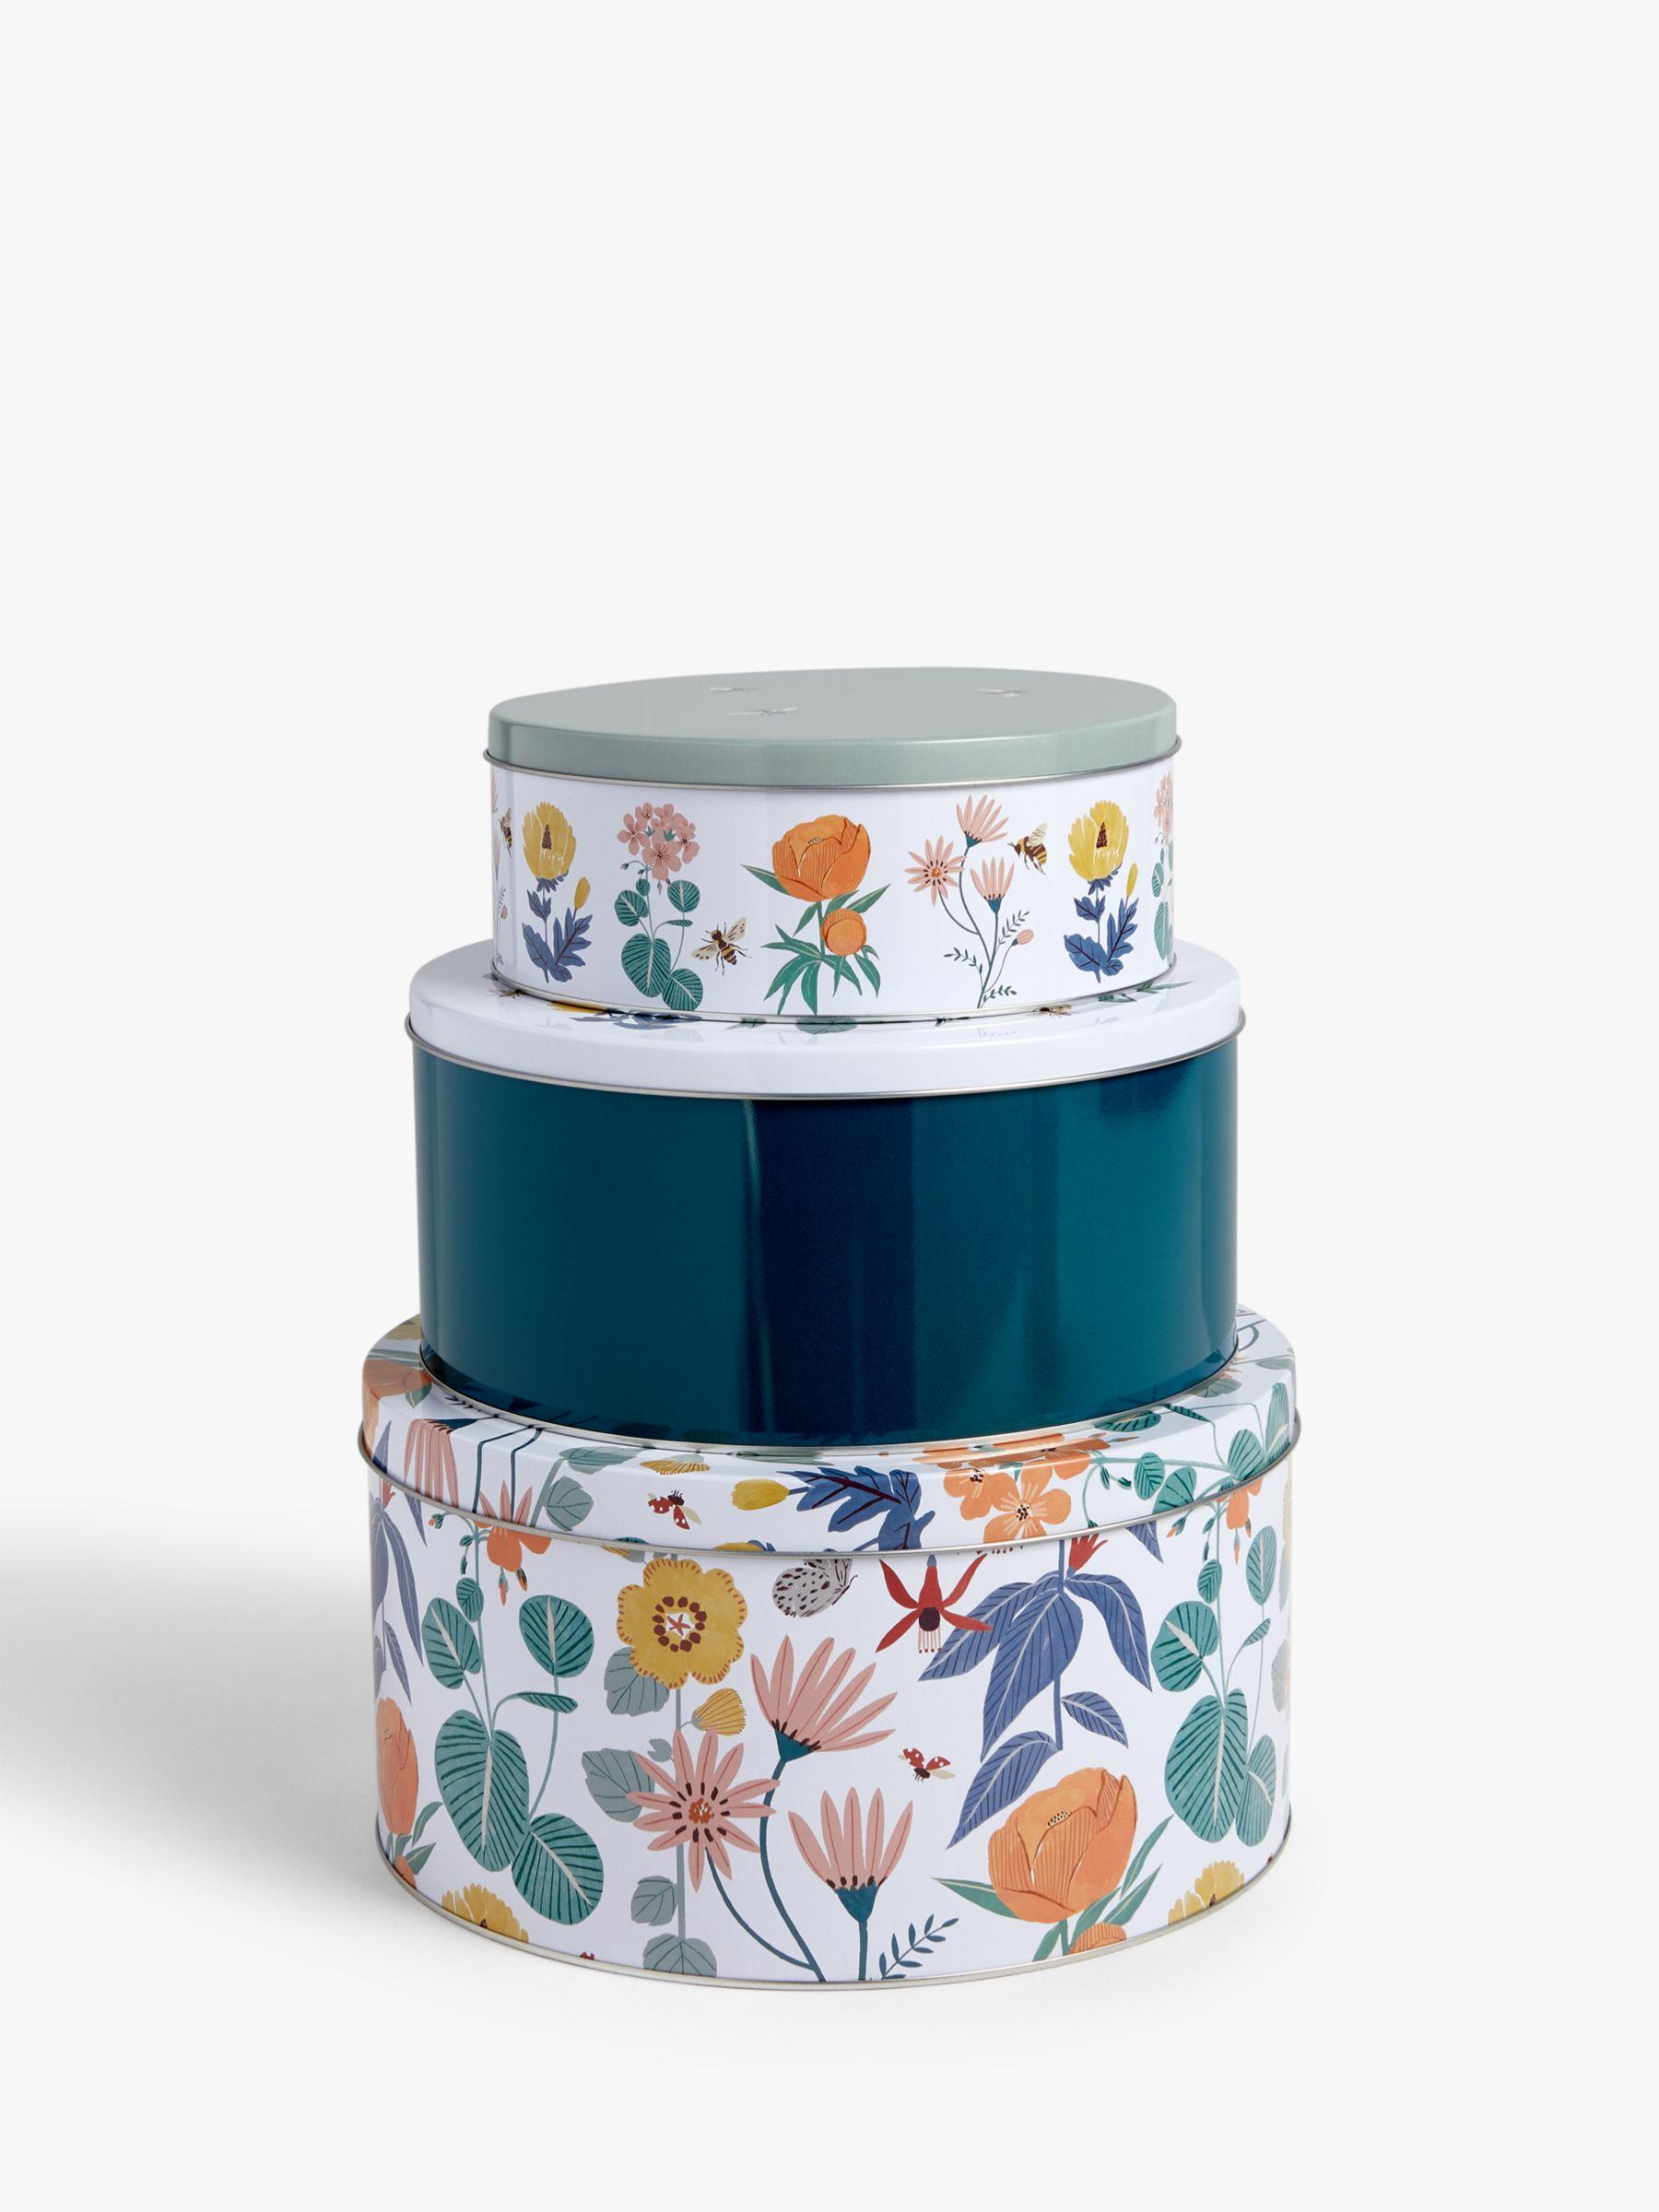 John Lewis & Partners Spring Cake Tins, Set of 3, Multi